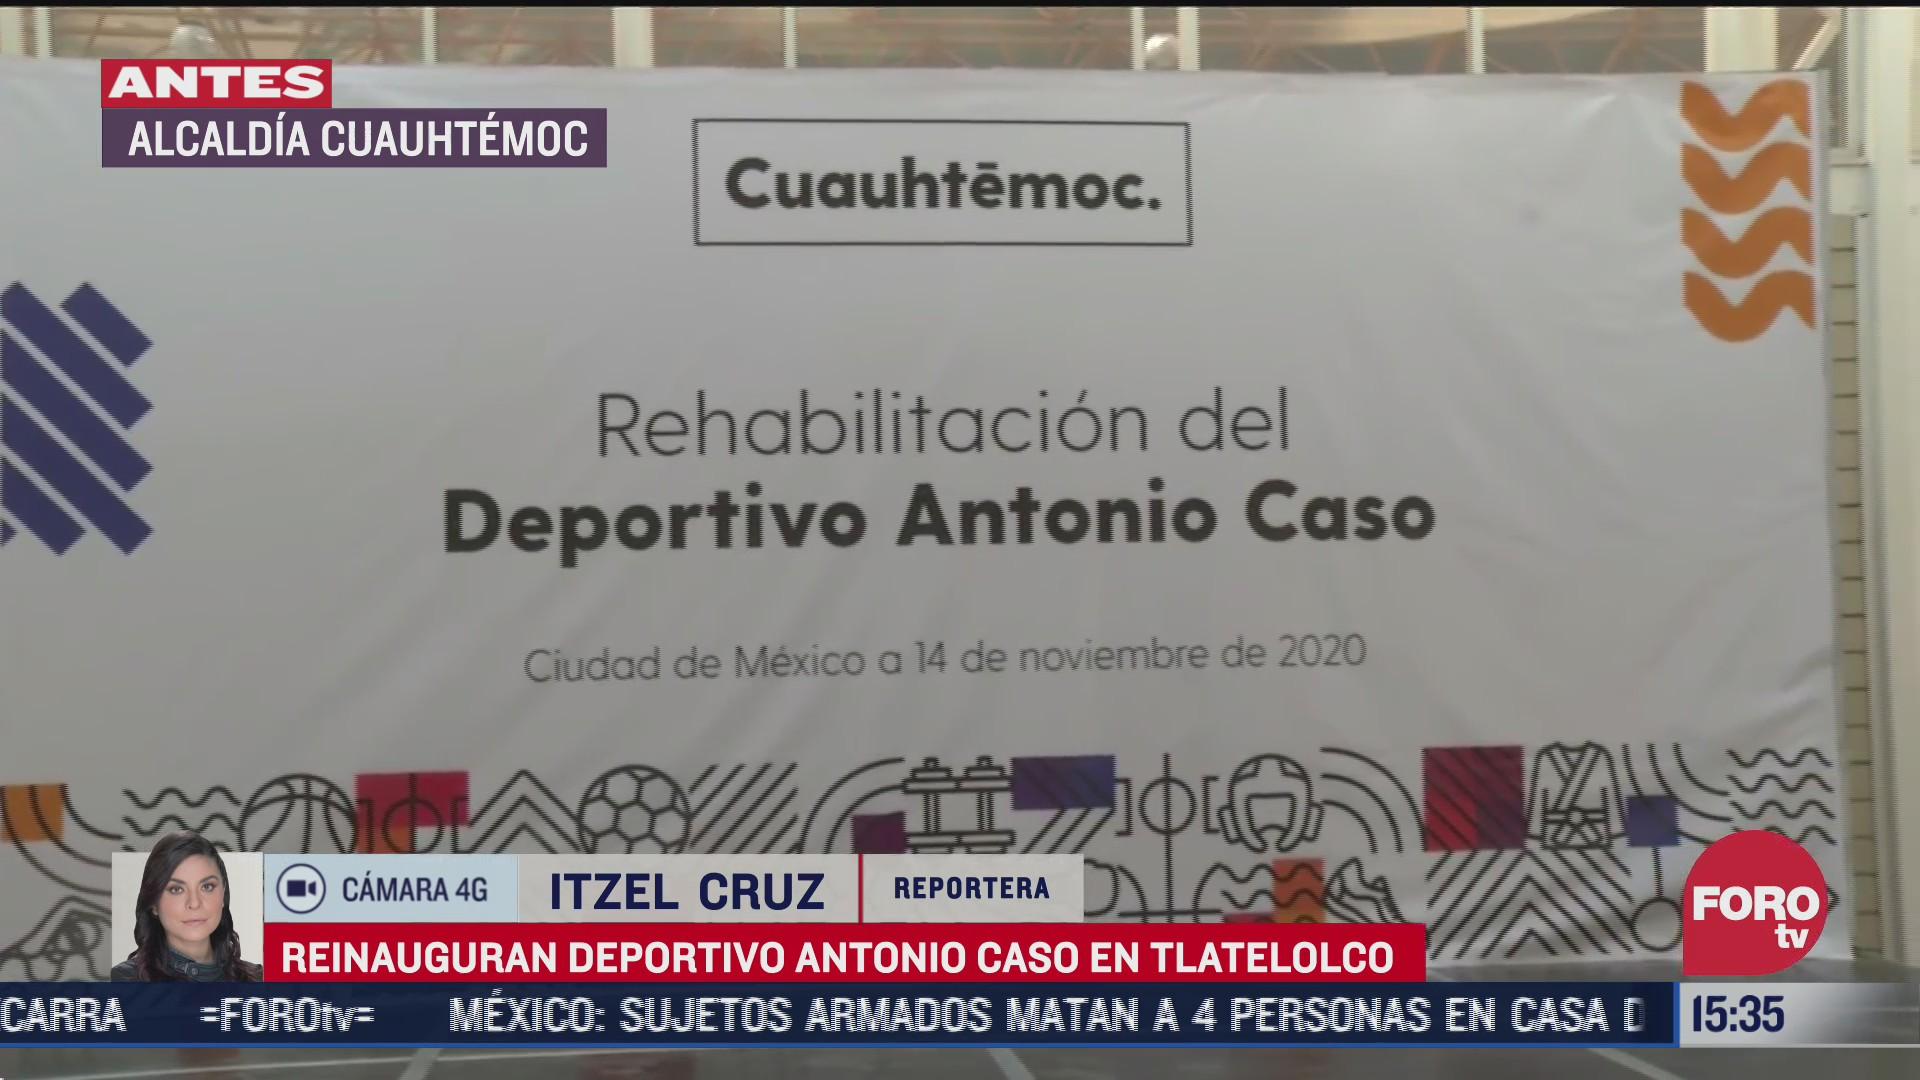 reinauguran deportivo antonio caso en tlatelolco